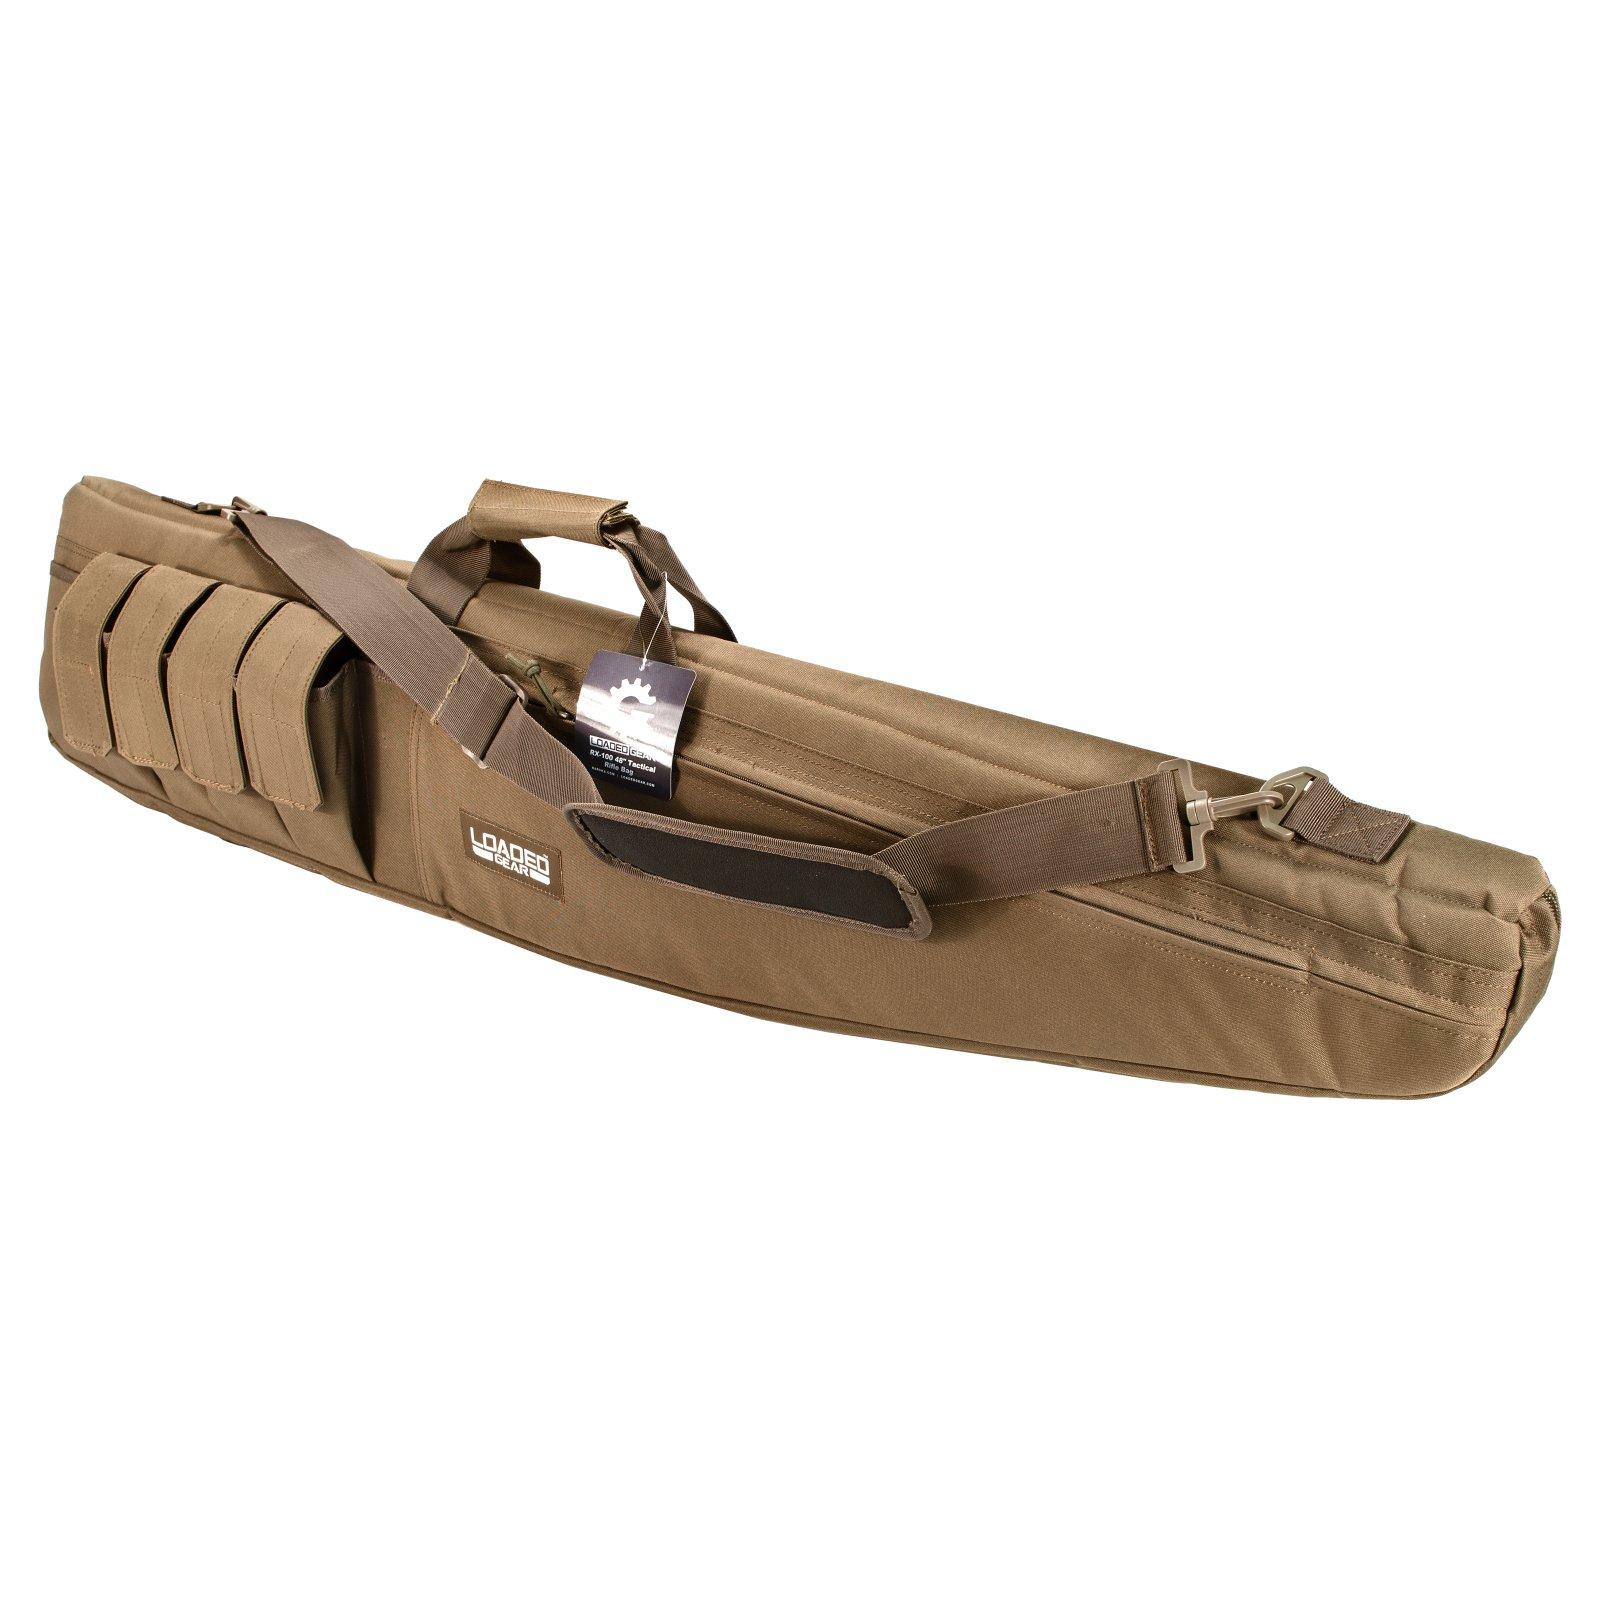 """Barska Optics Loaded Gear RX-100 48"""" Tactical Rifle Bag, Tan"""